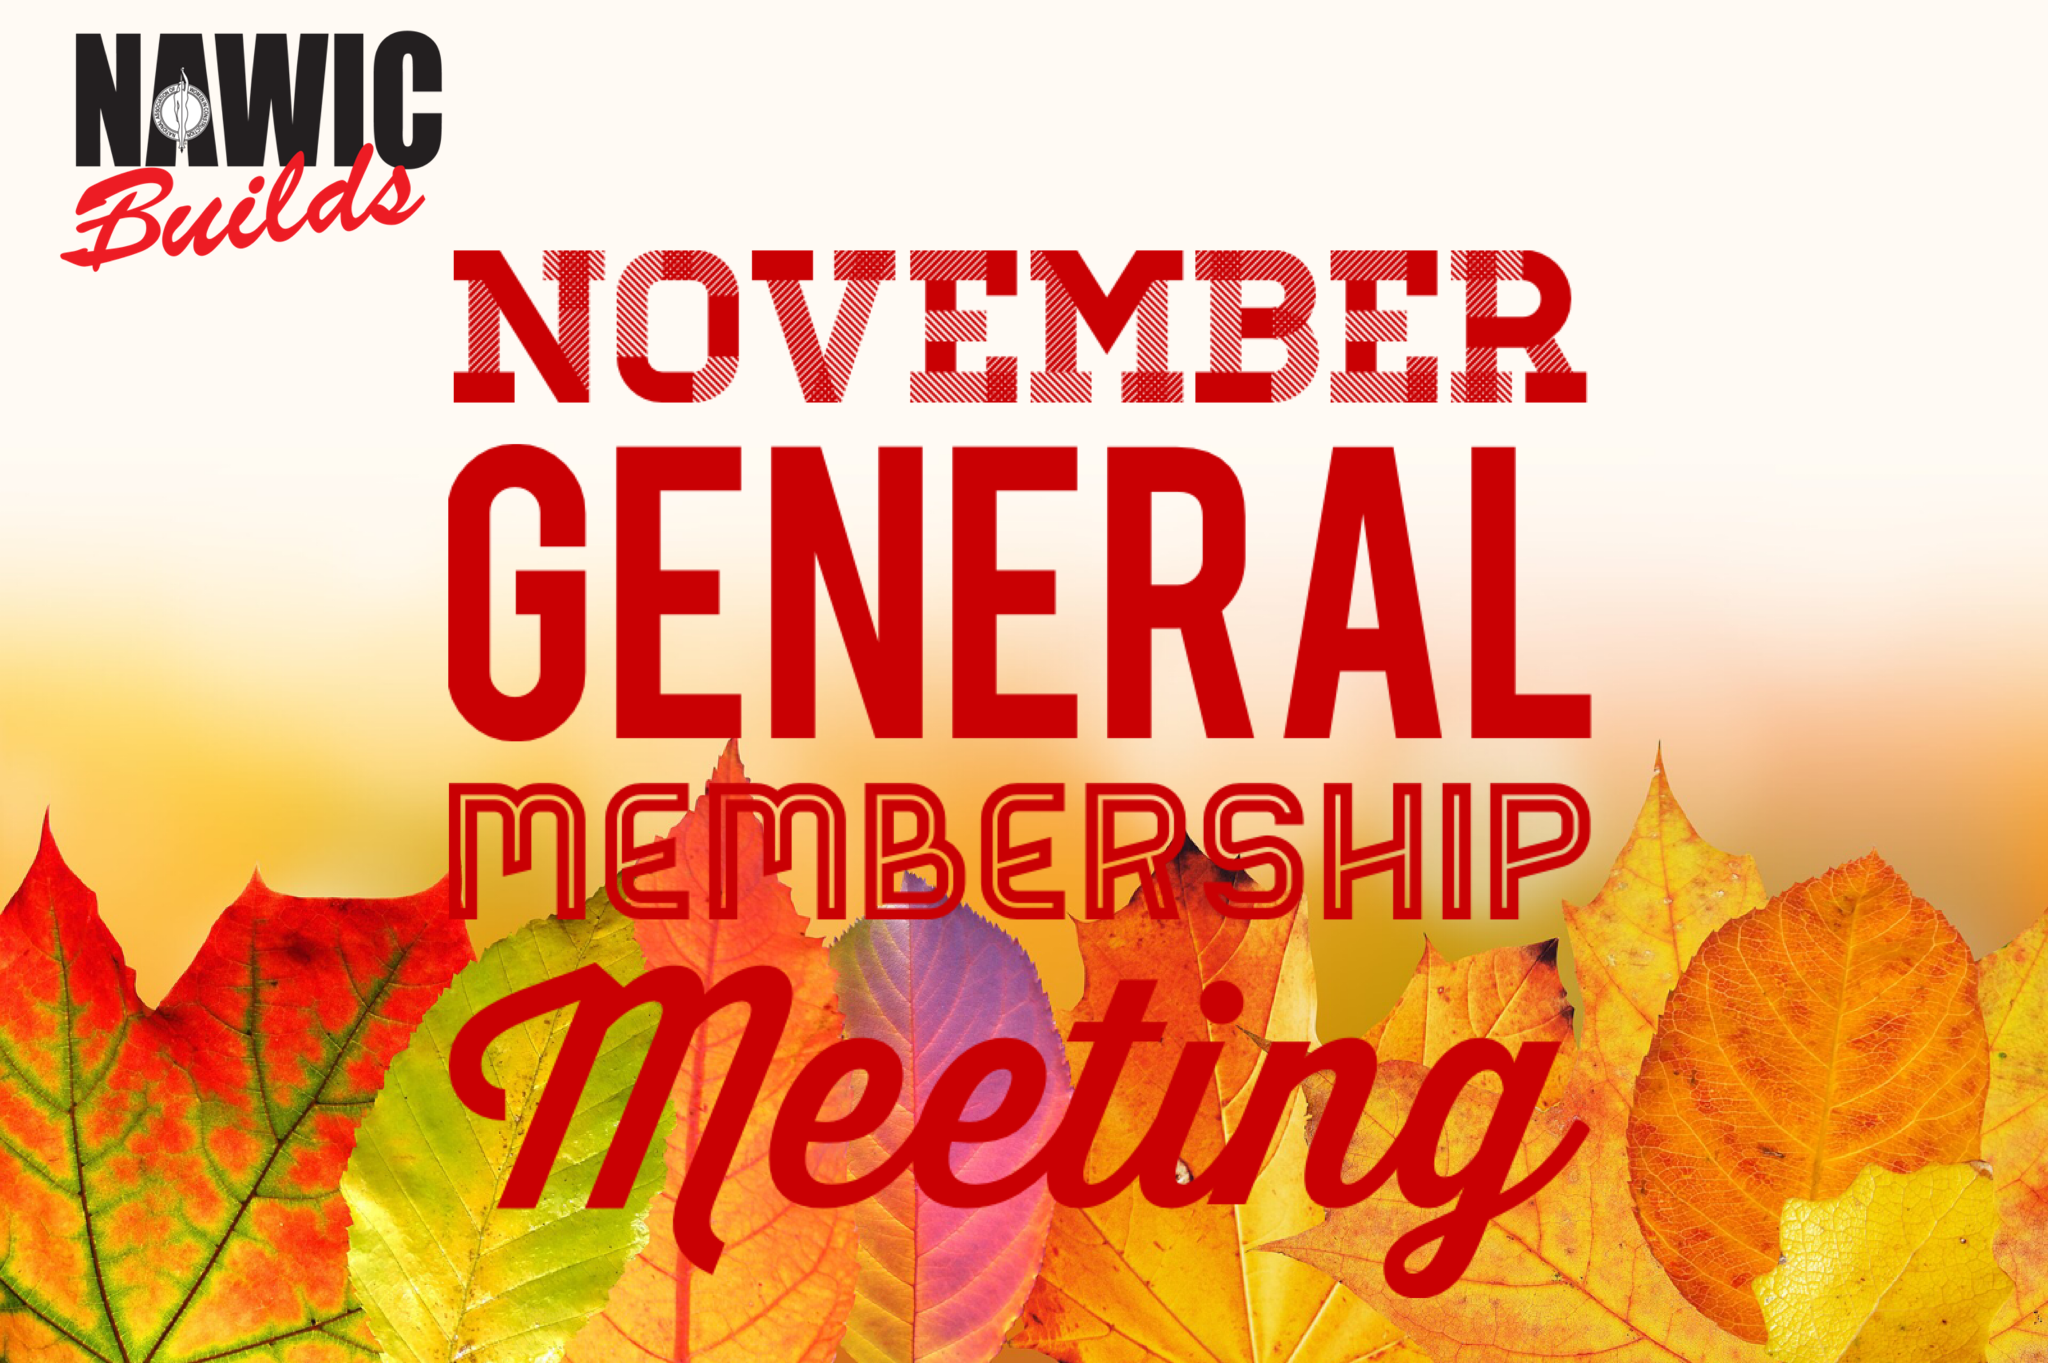 NovemberMeeting.png